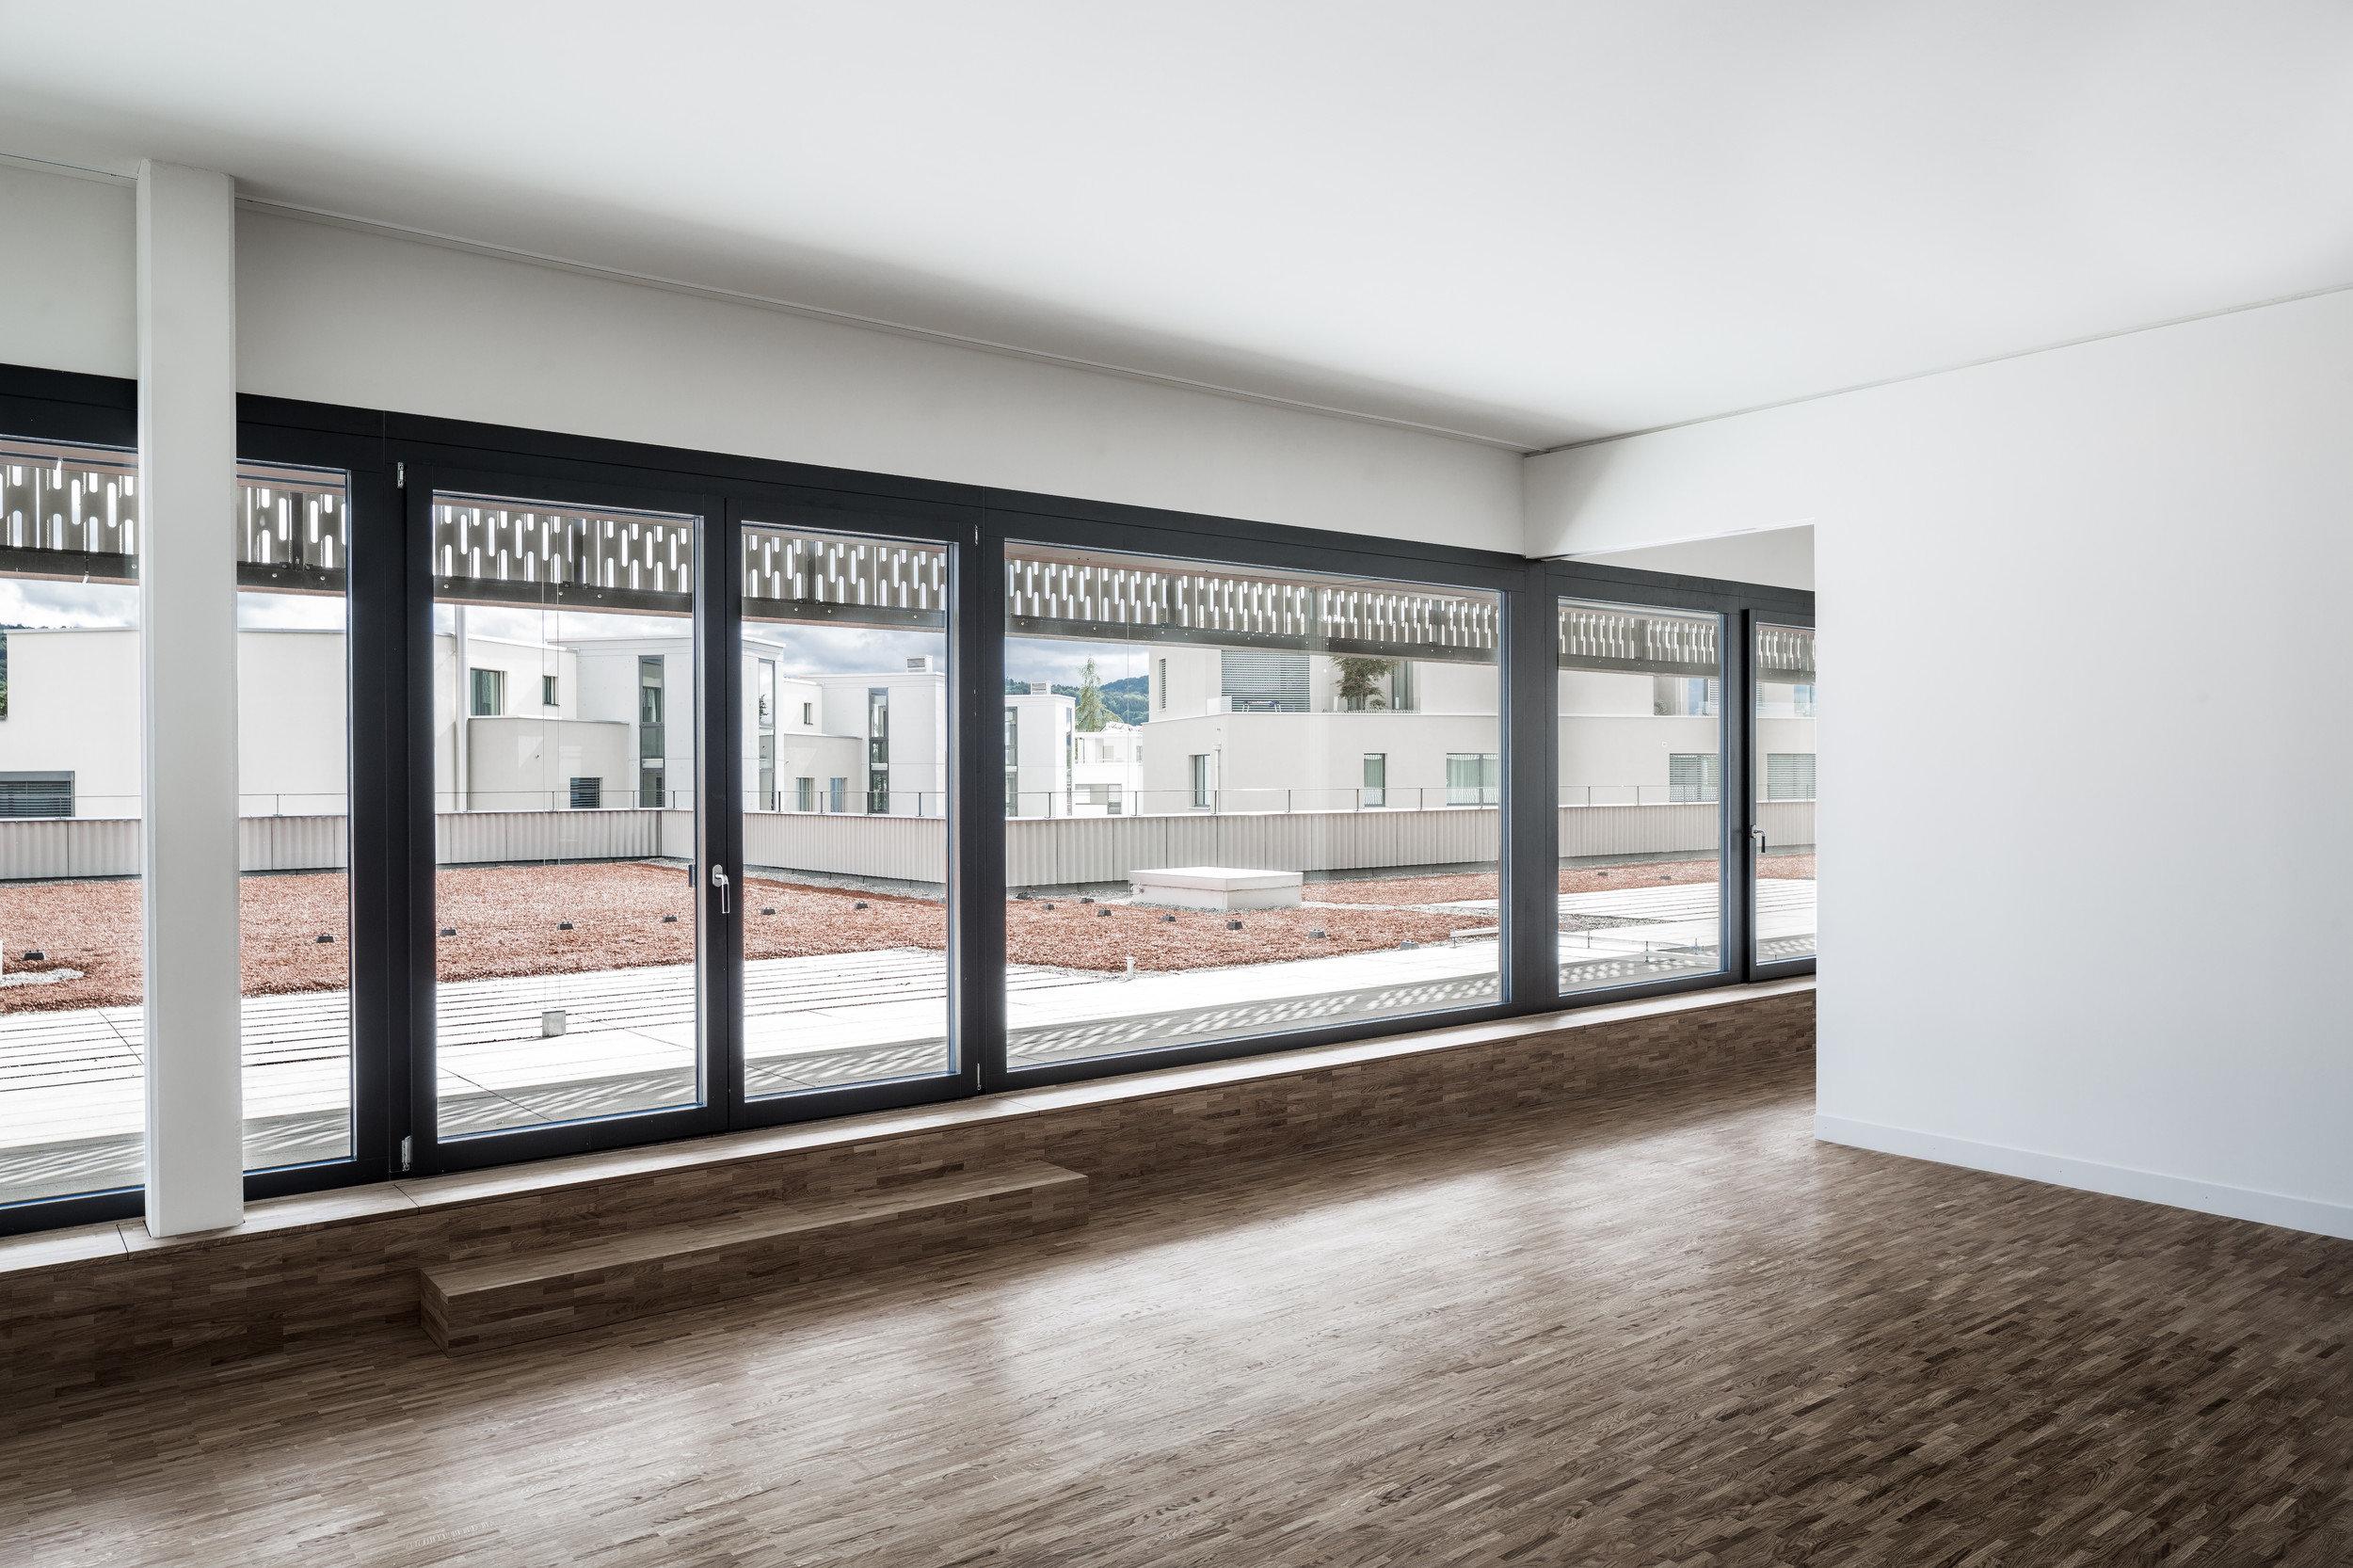 lichtdurchflutete Räume durch grosse Ein- und Zweiflügelfenster